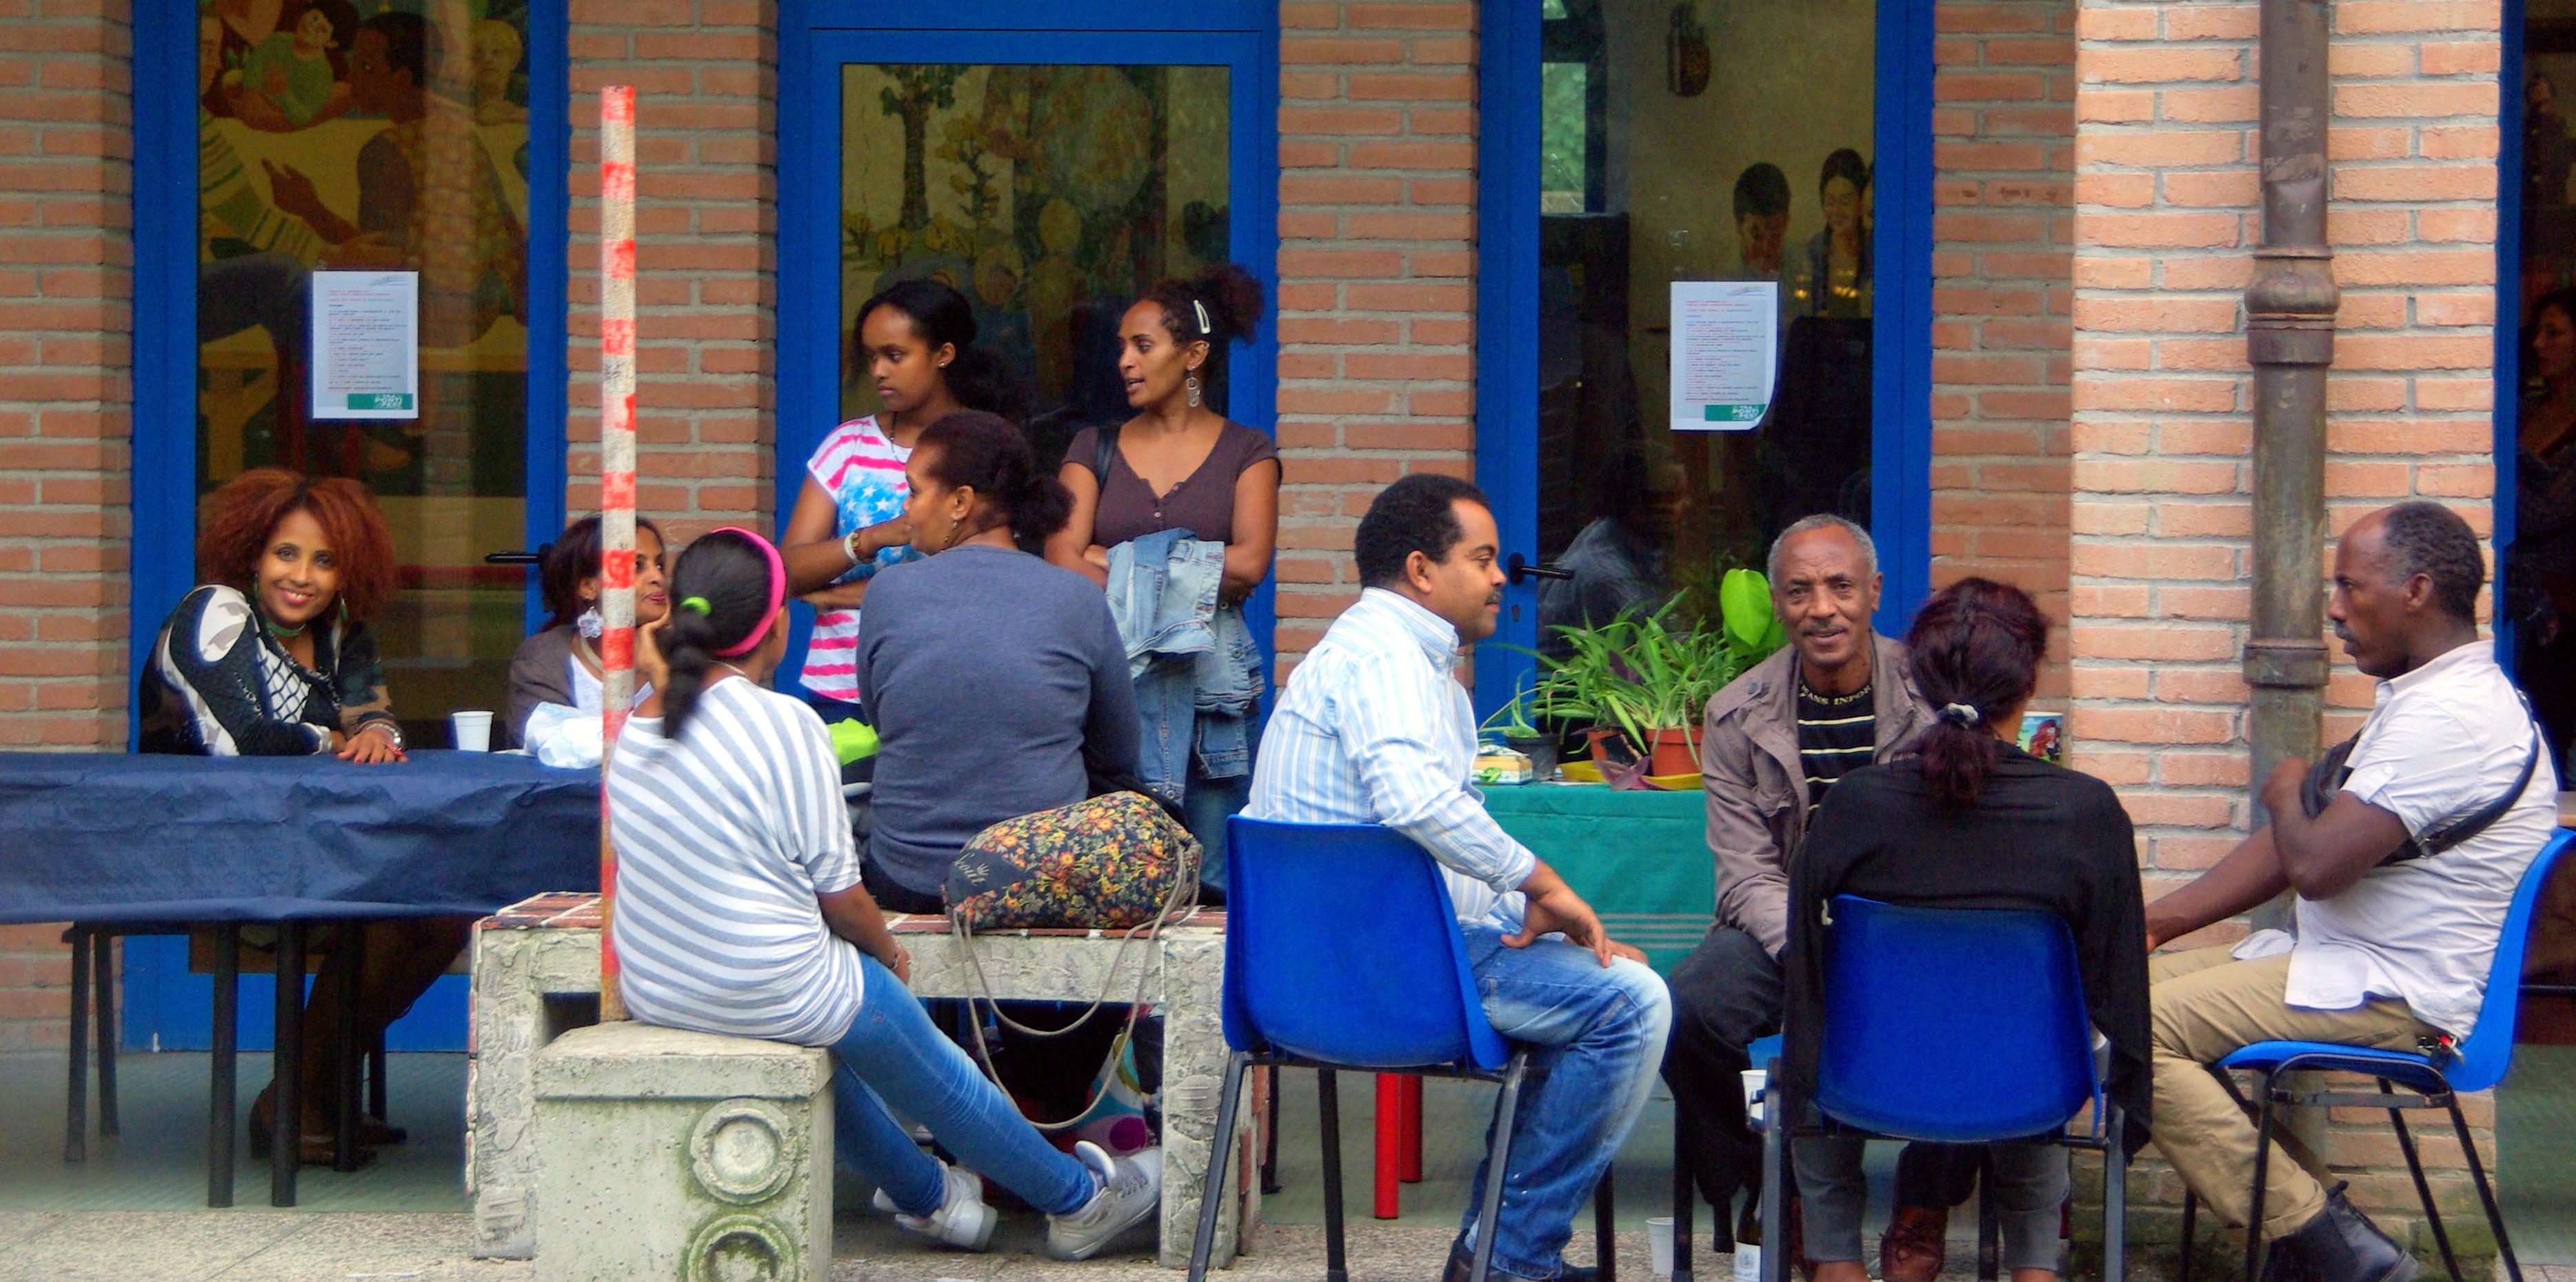 Centro Interculturale Zonarelli